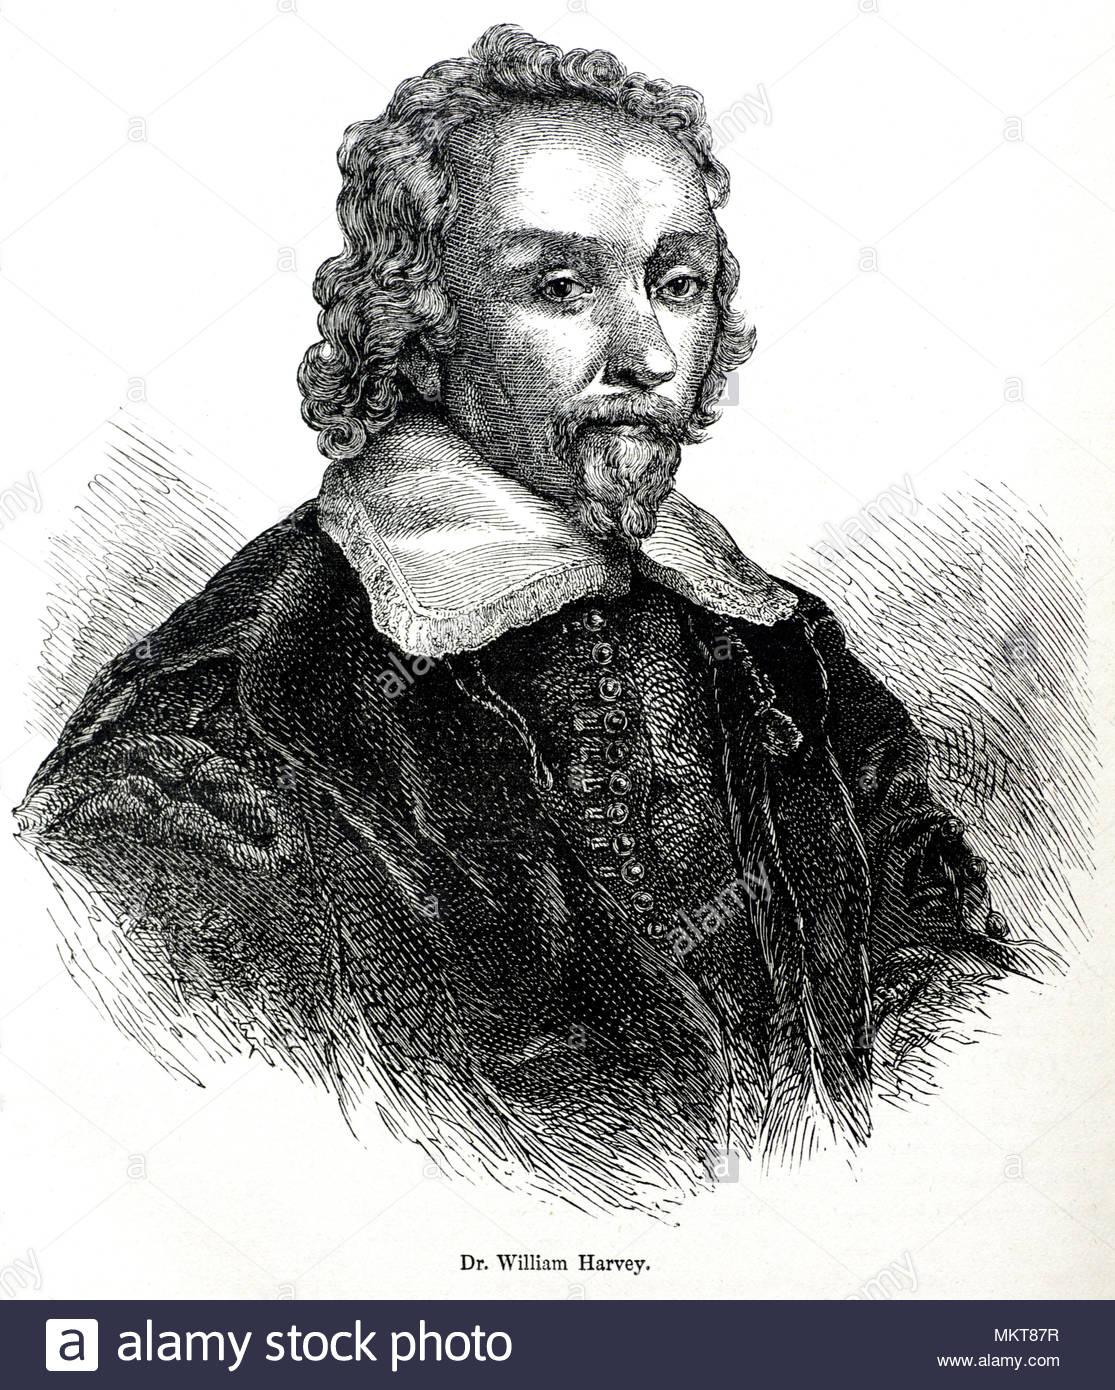 Dr. William Harvey Porträt, 1578 - 1657, war ein englischer Arzt, der wegweisenden Beiträge in der Anatomie und Physiologie, antiken Abbildung aus der Zeit um 1880 Stockbild